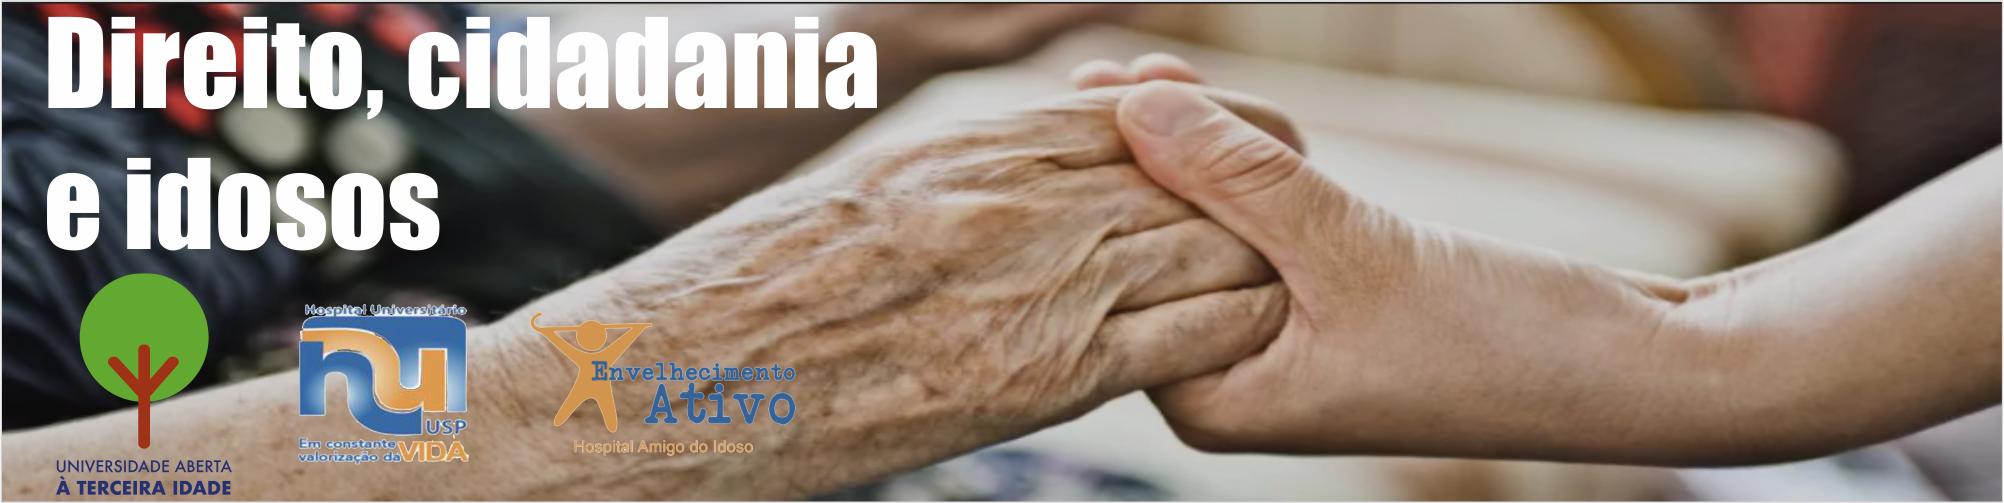 Direitos dos idosos é tema de abril do Ciclo de Palestras Terceira Idade da USP